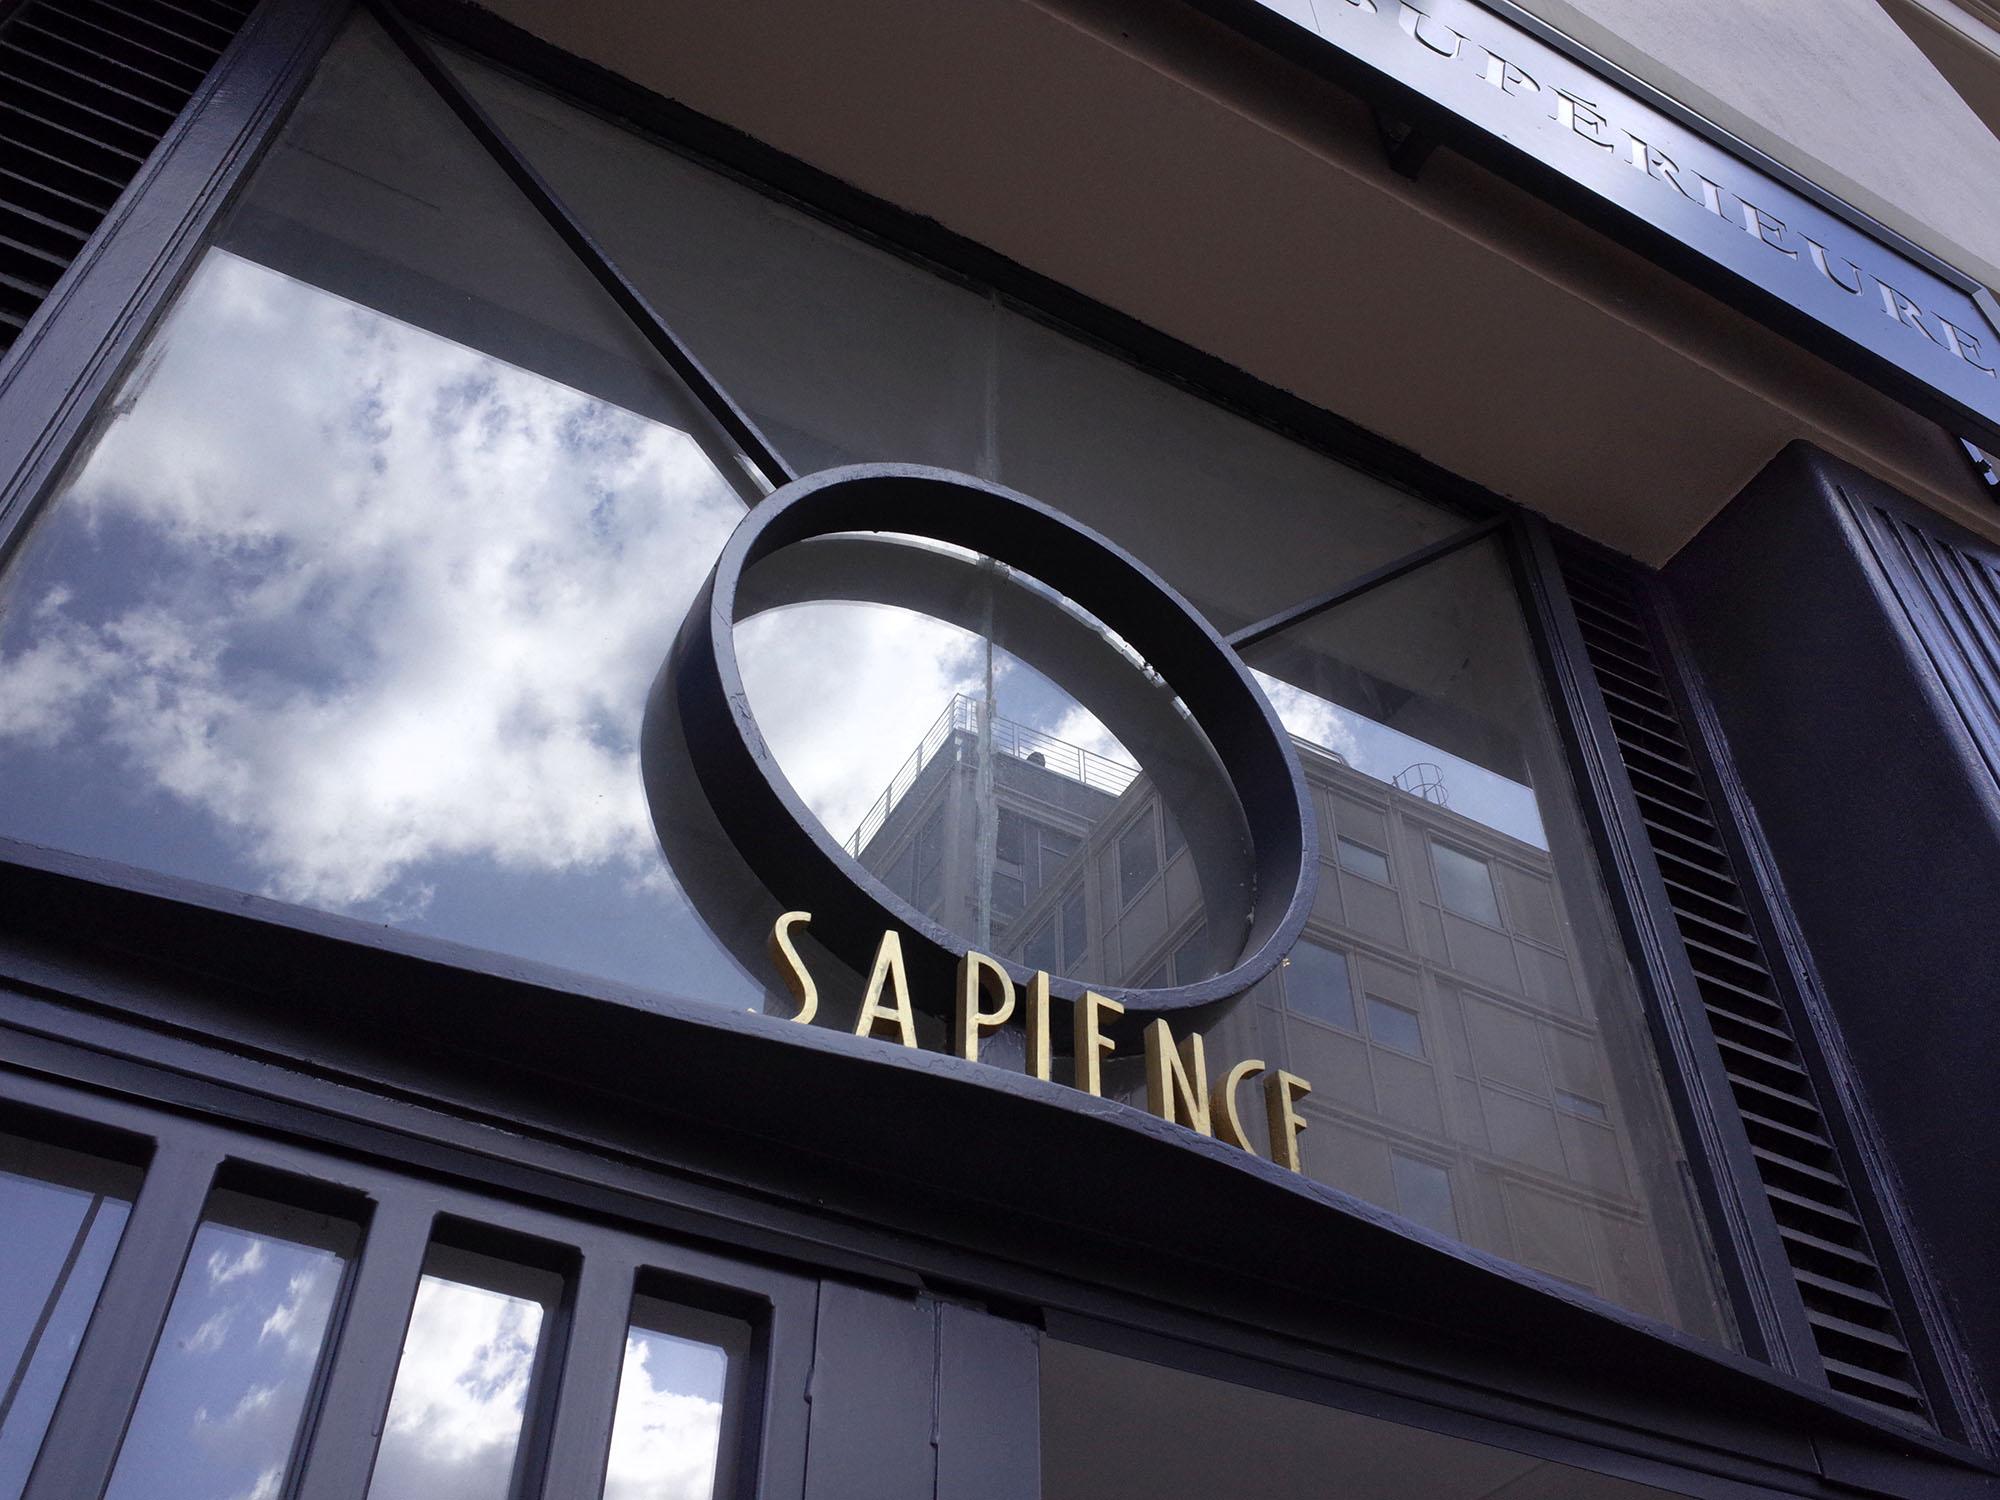 sapience new 2015